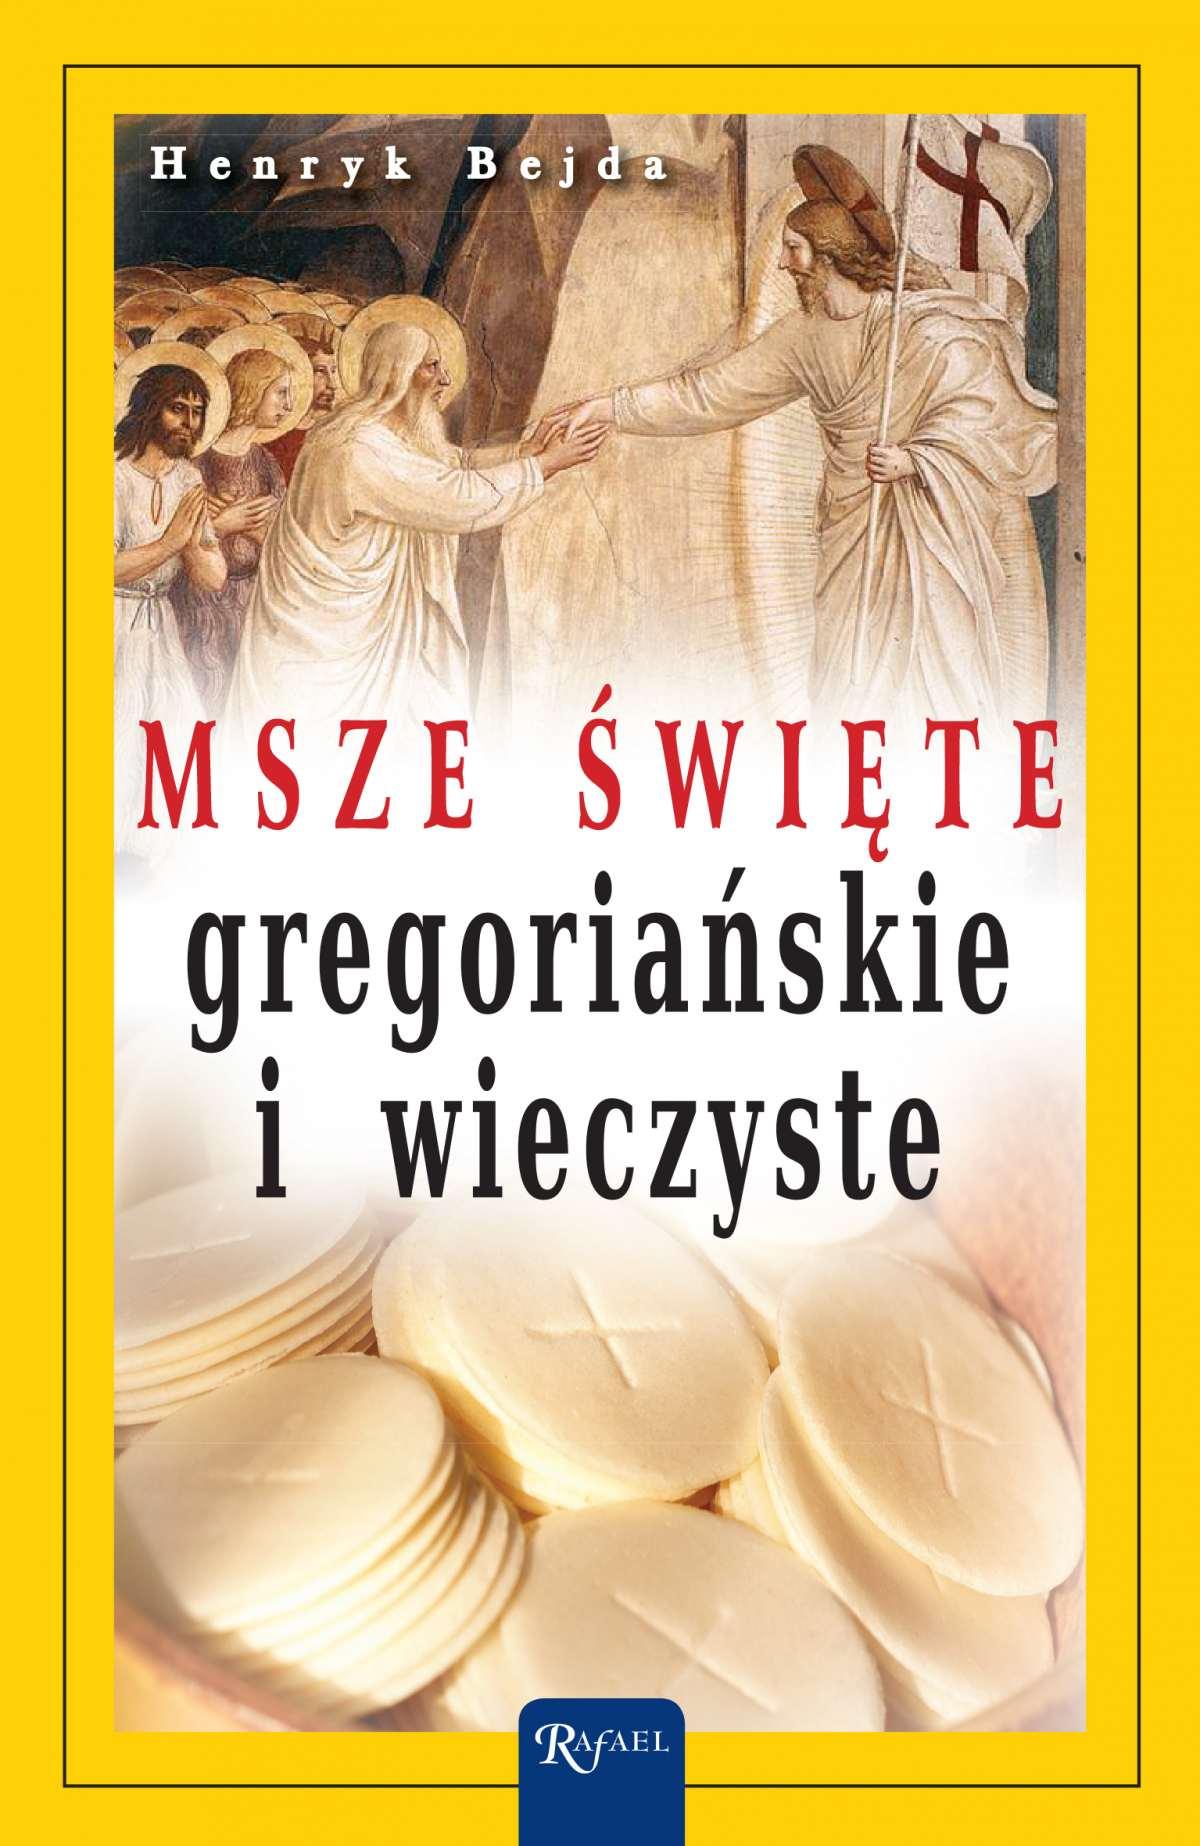 Msze Święte gregoriańskie i wieczyste - Ebook (Książka na Kindle) do pobrania w formacie MOBI